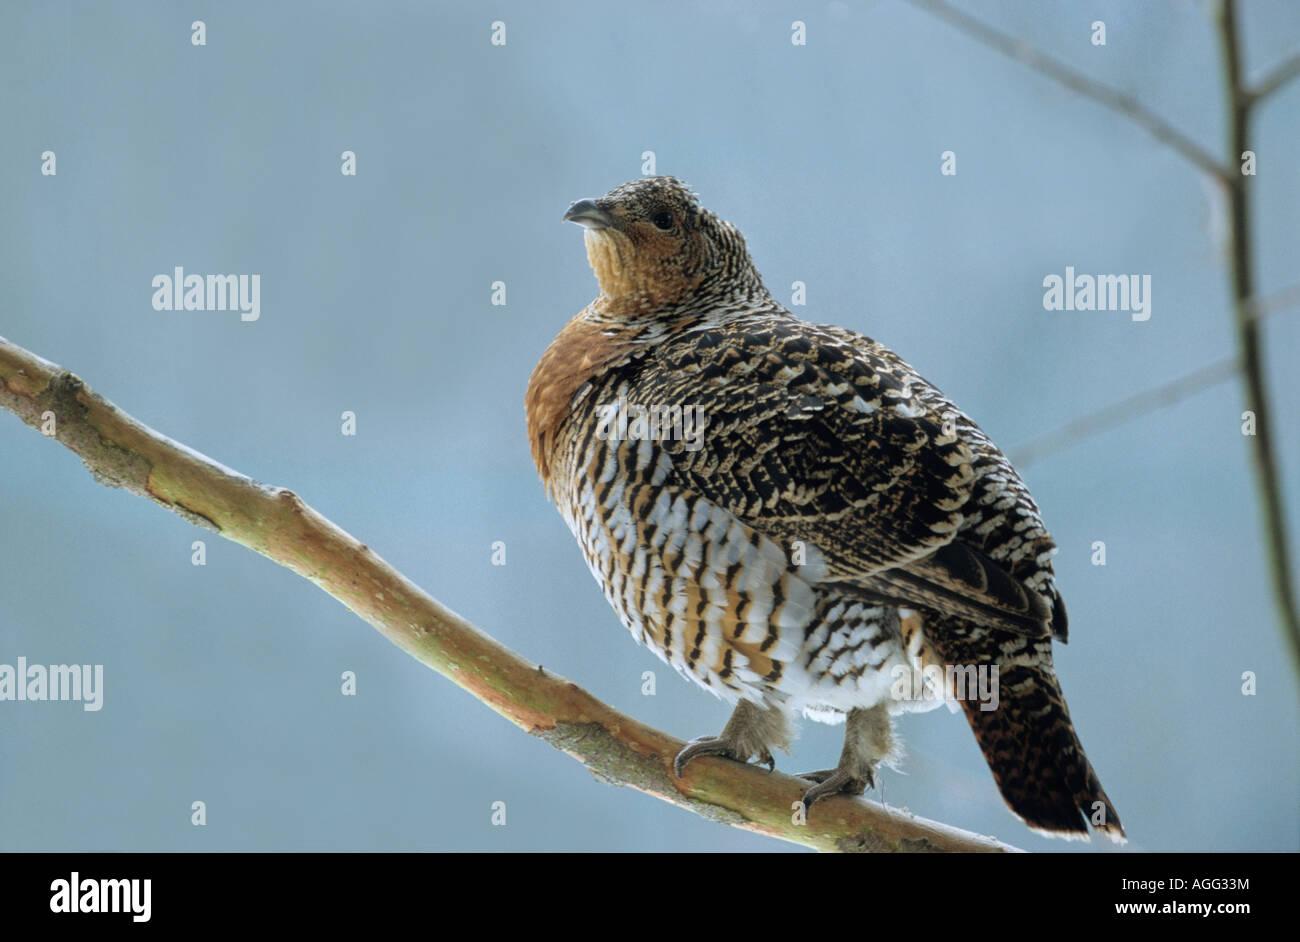 Auerhahn Tetrao urogallus Auerhenne Auerhuhn sitzt auf einem Ast Capercaillie female perched on twig Stock Photo